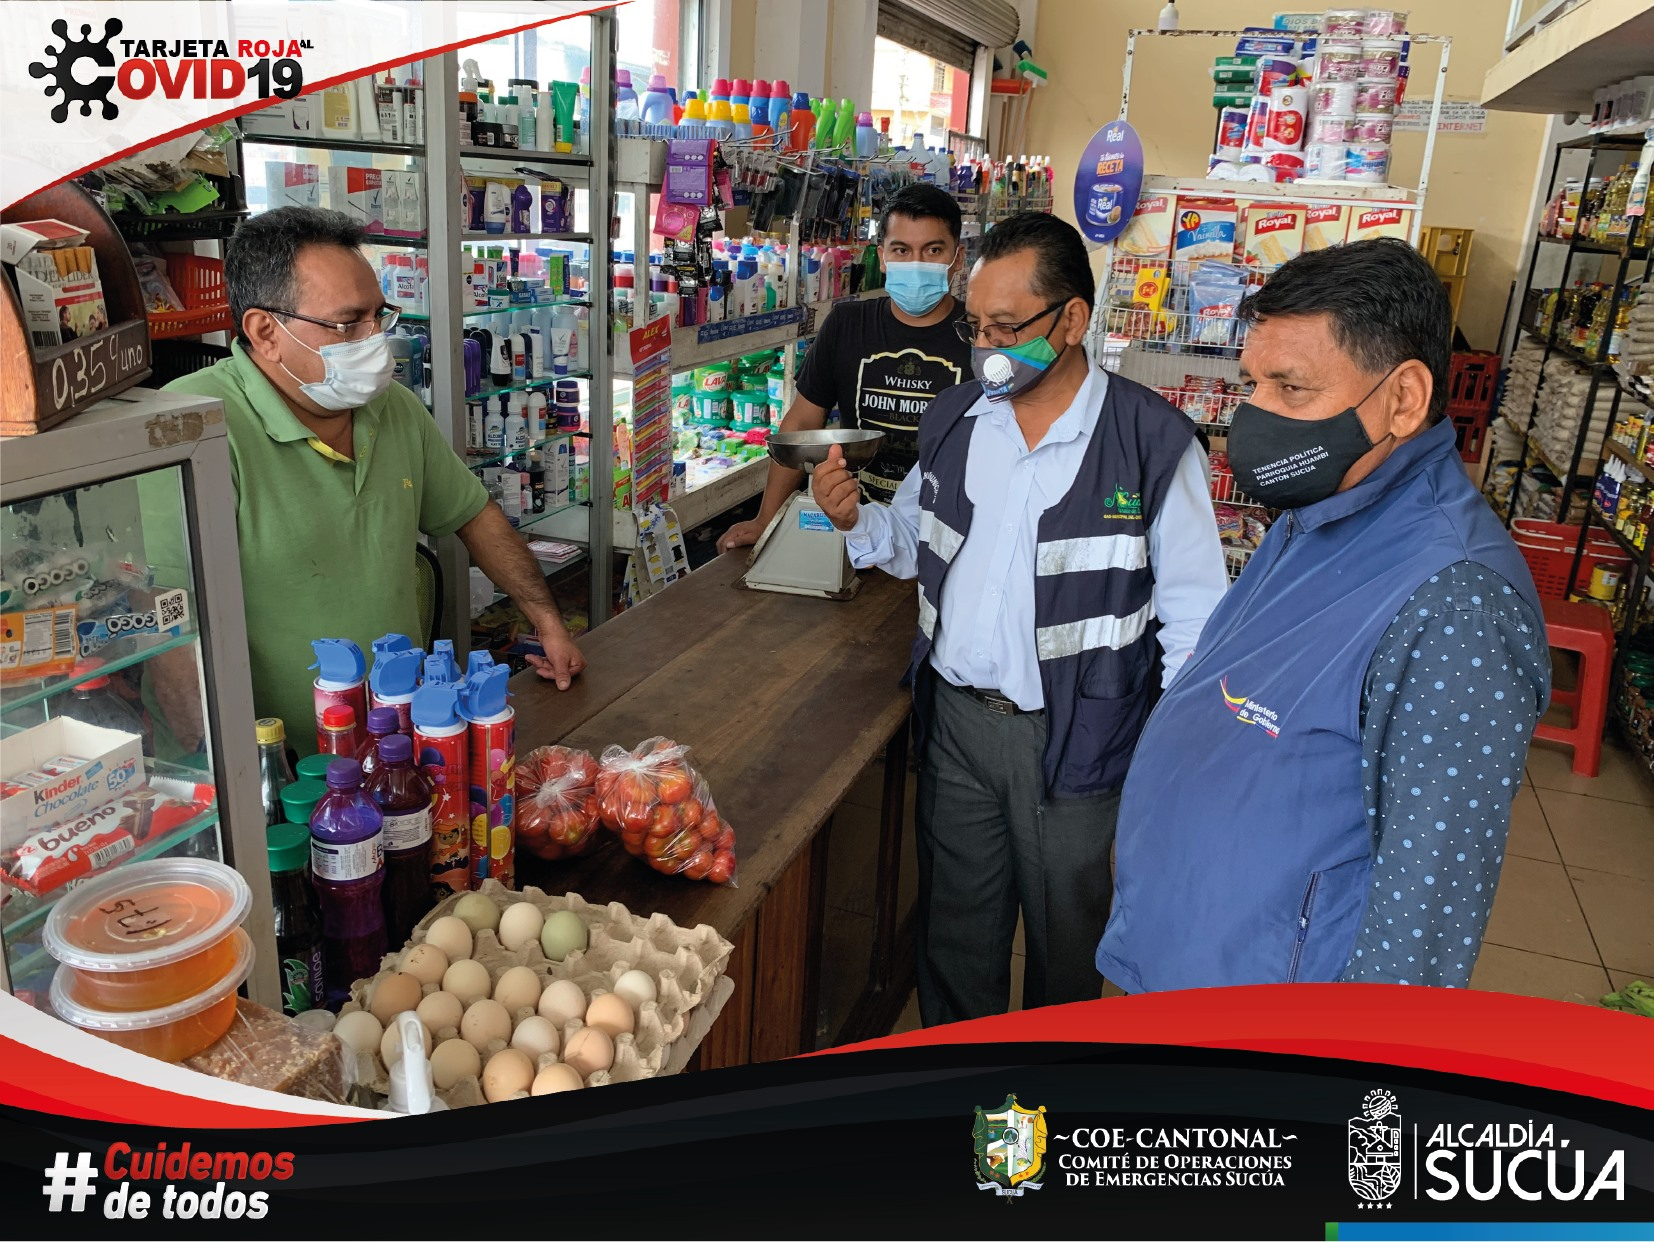 Continúan controles a ciudadanos y comercios frente a la pandemia